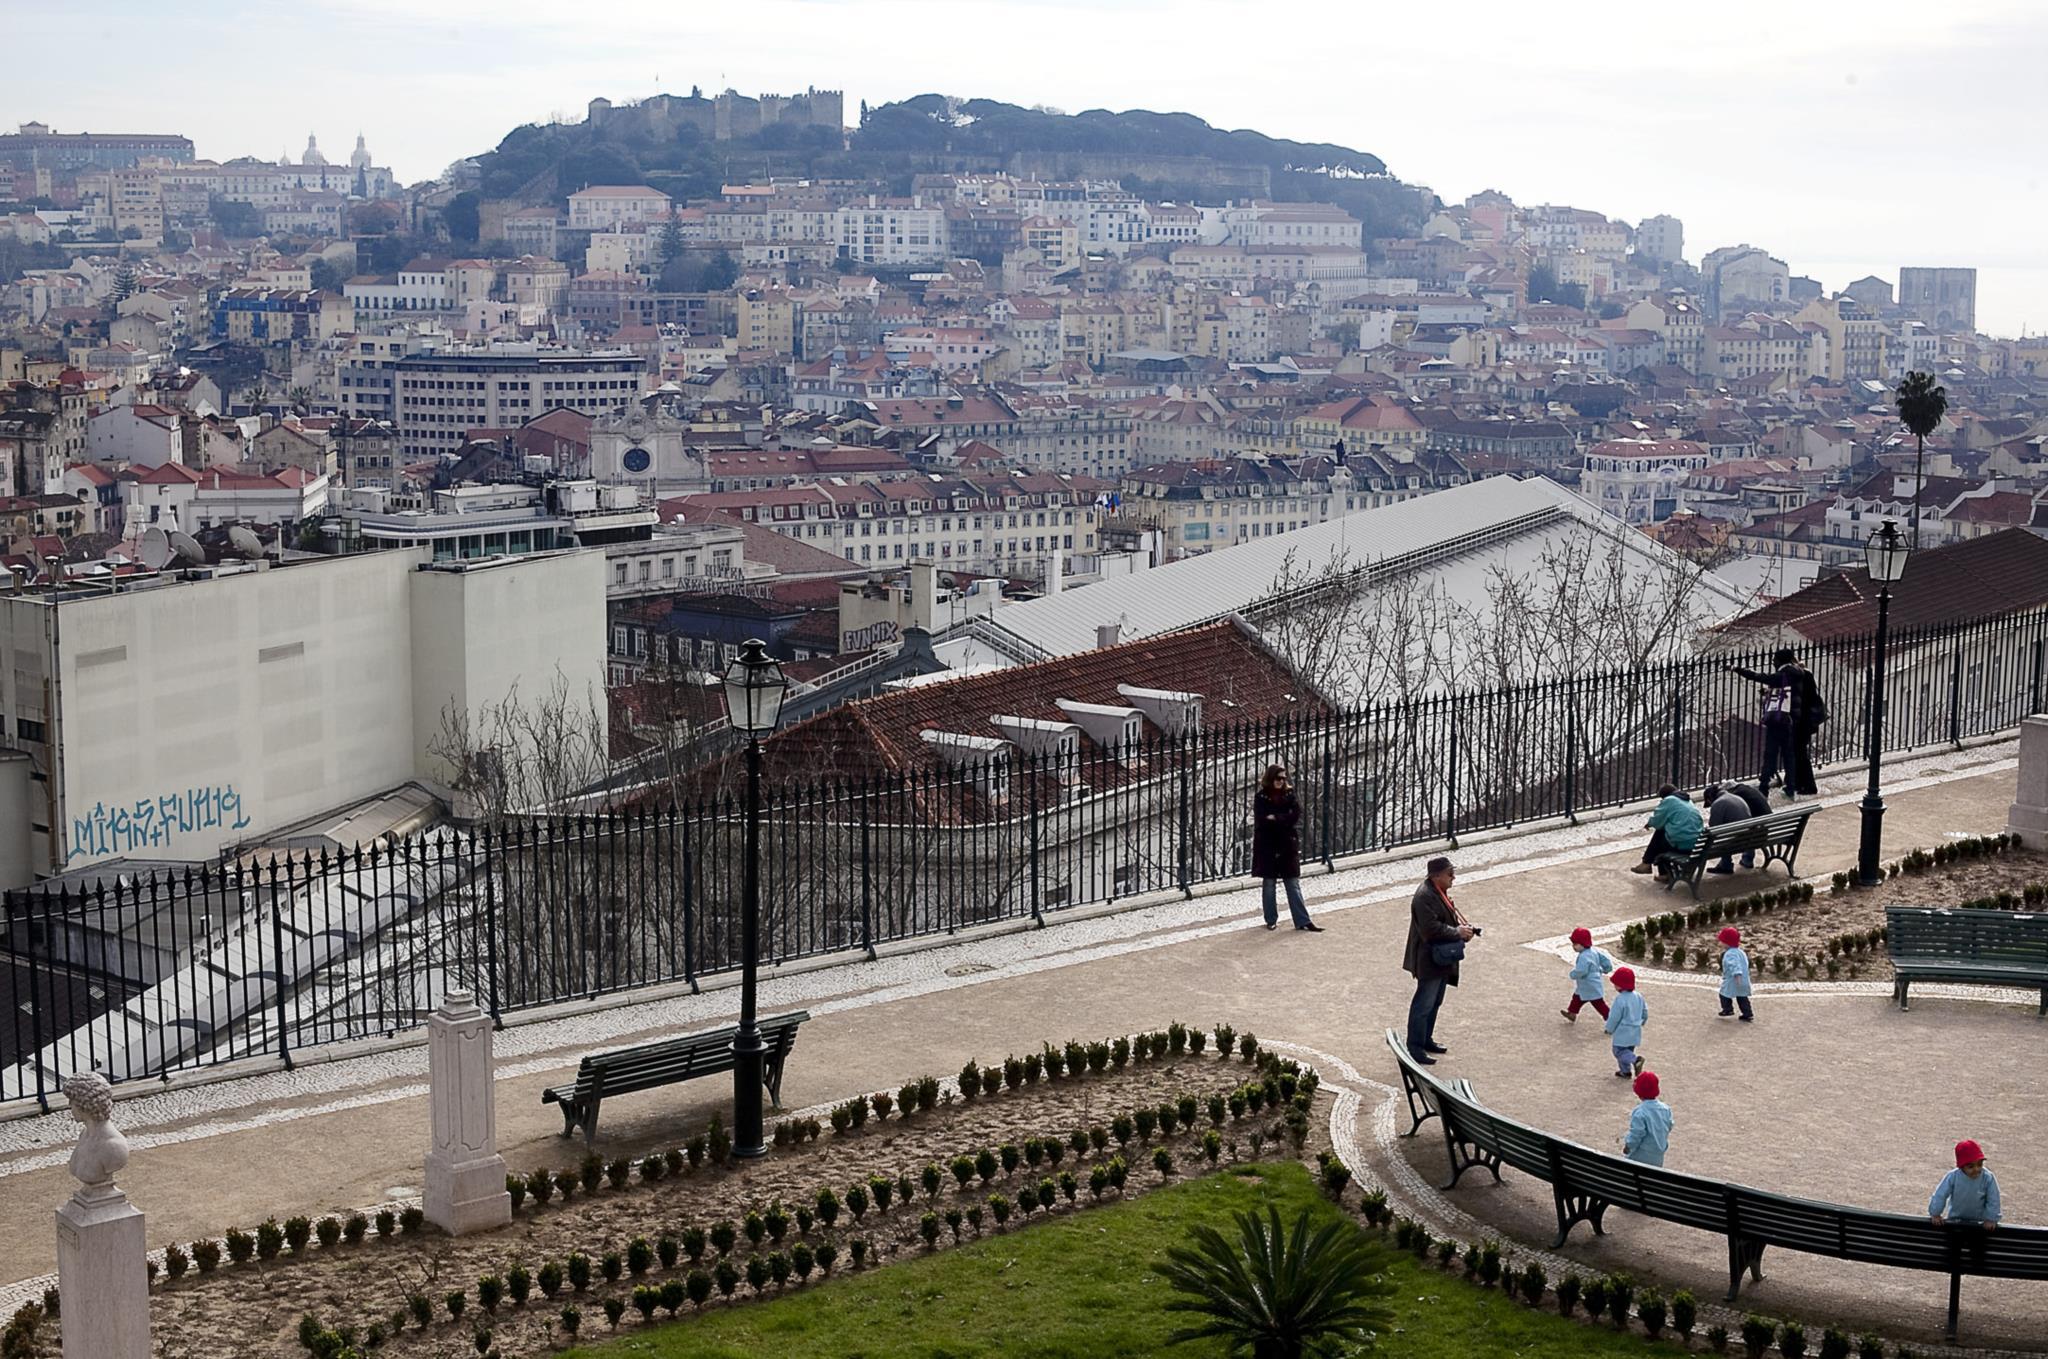 PÚBLICO - Fissuras no miradouro de S. Pedro de Alcântara, em Lisboa, obrigam a obras urgentes